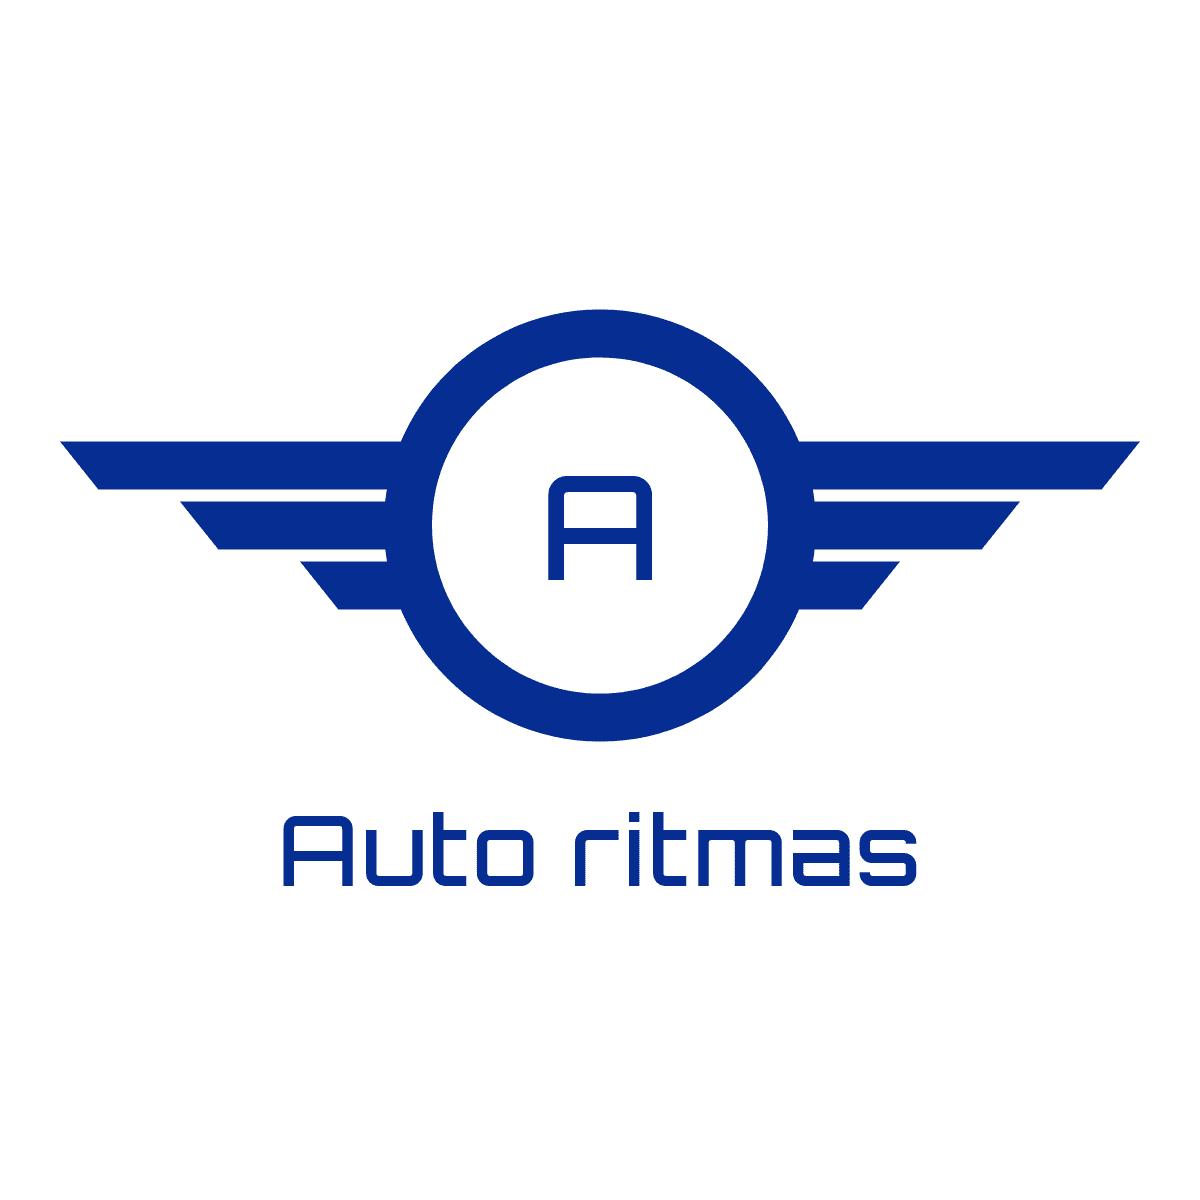 Auto ritmas